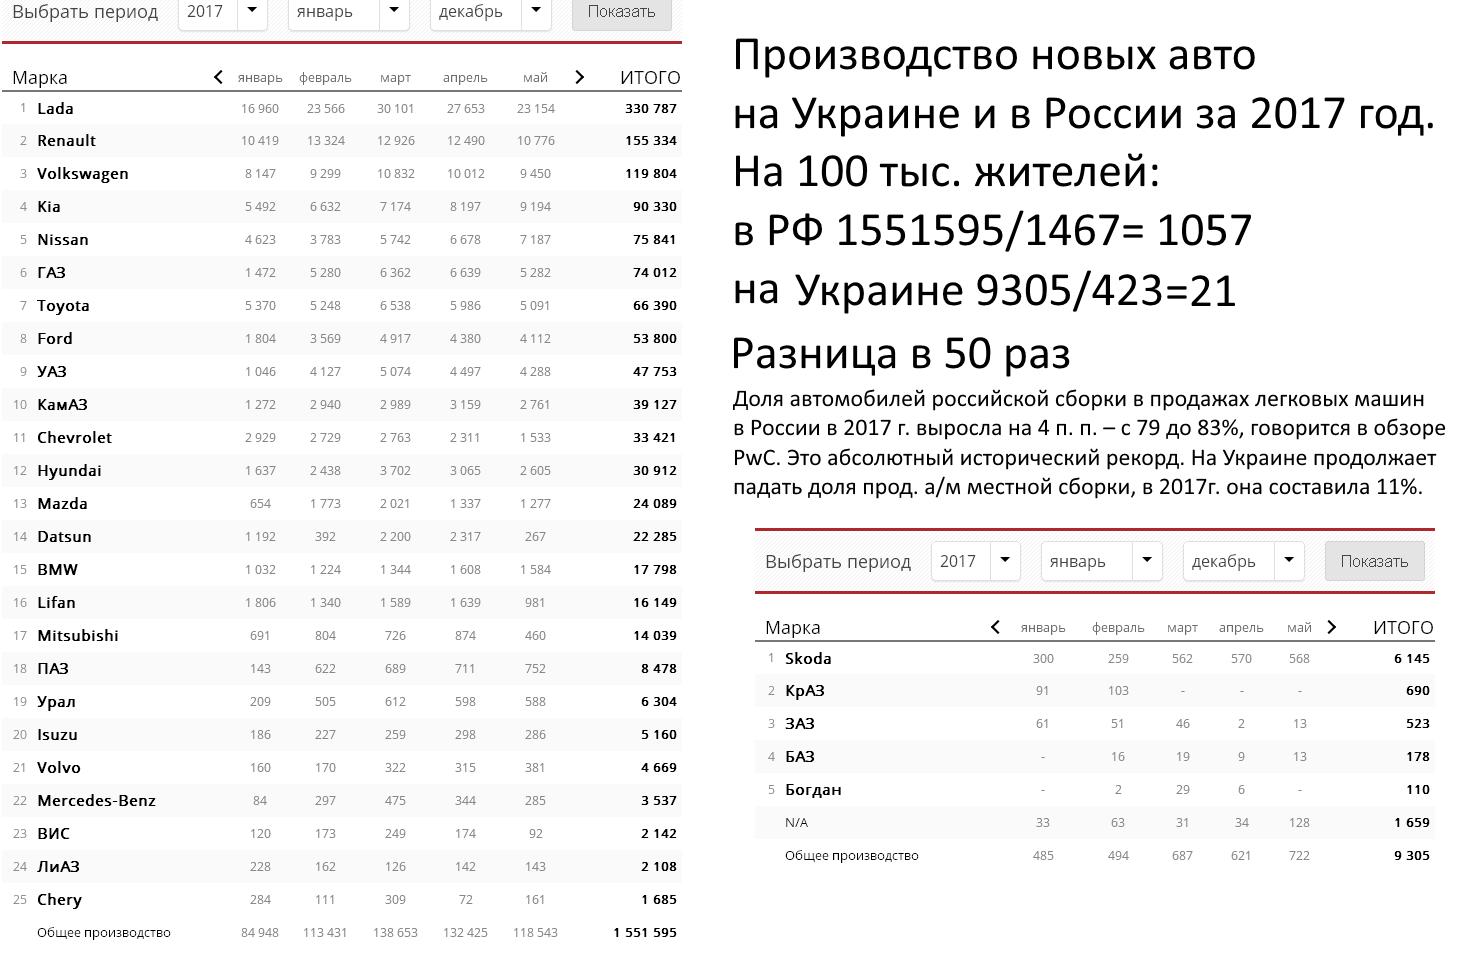 Производство новых авто в России за 2017 год.PNG